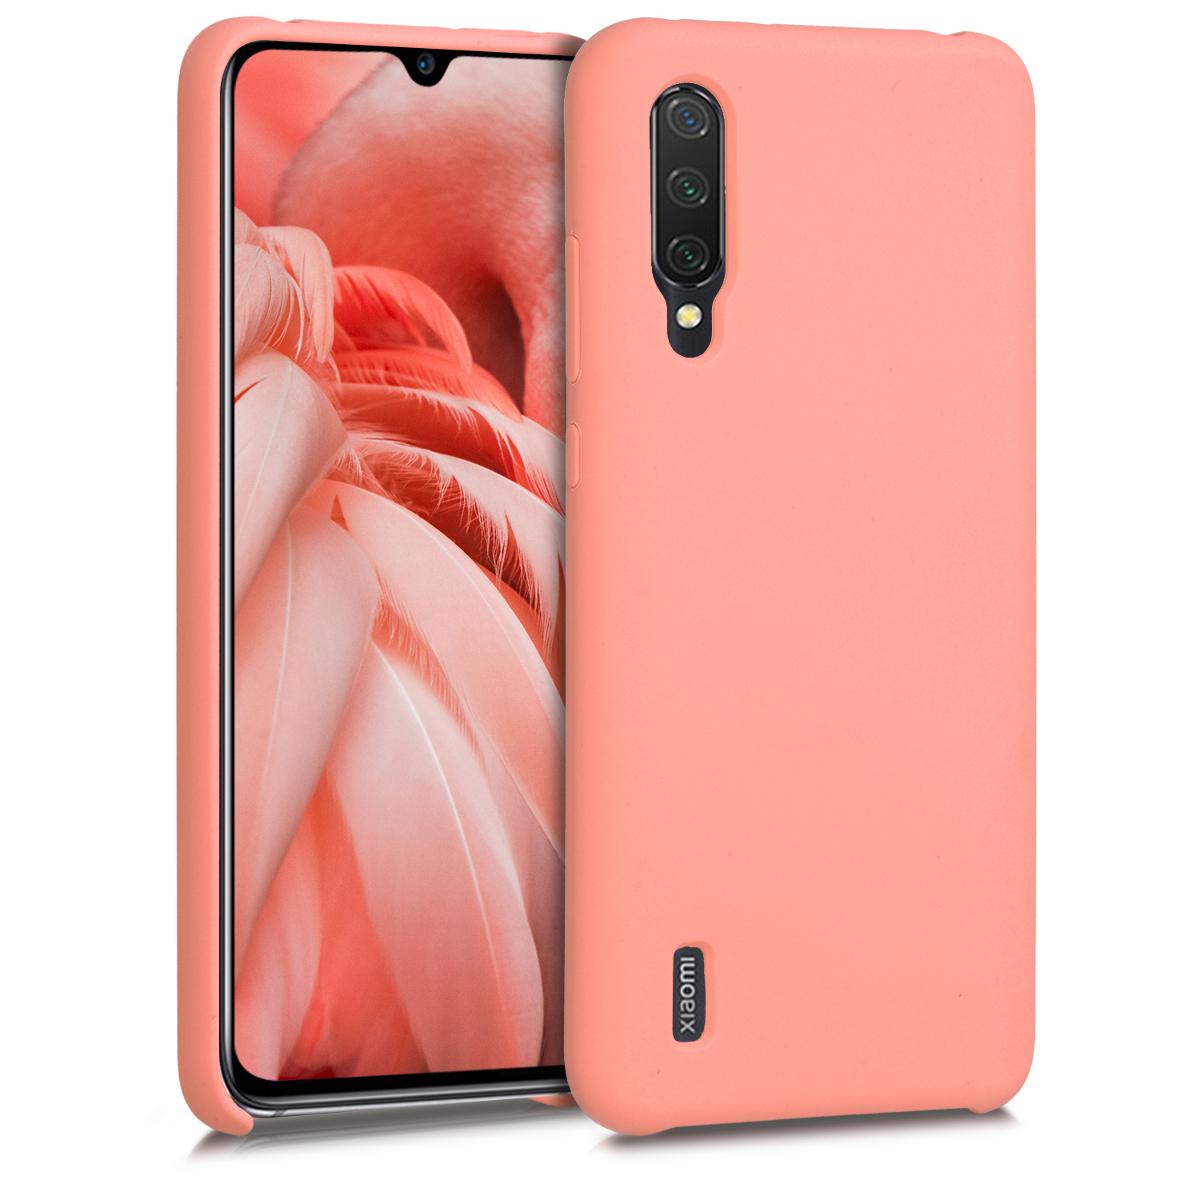 KW Θήκη Σιλικόνης Xiaomi Mi 9 Lite - Soft Flexible Rubber - Coral Matte (50585.56)